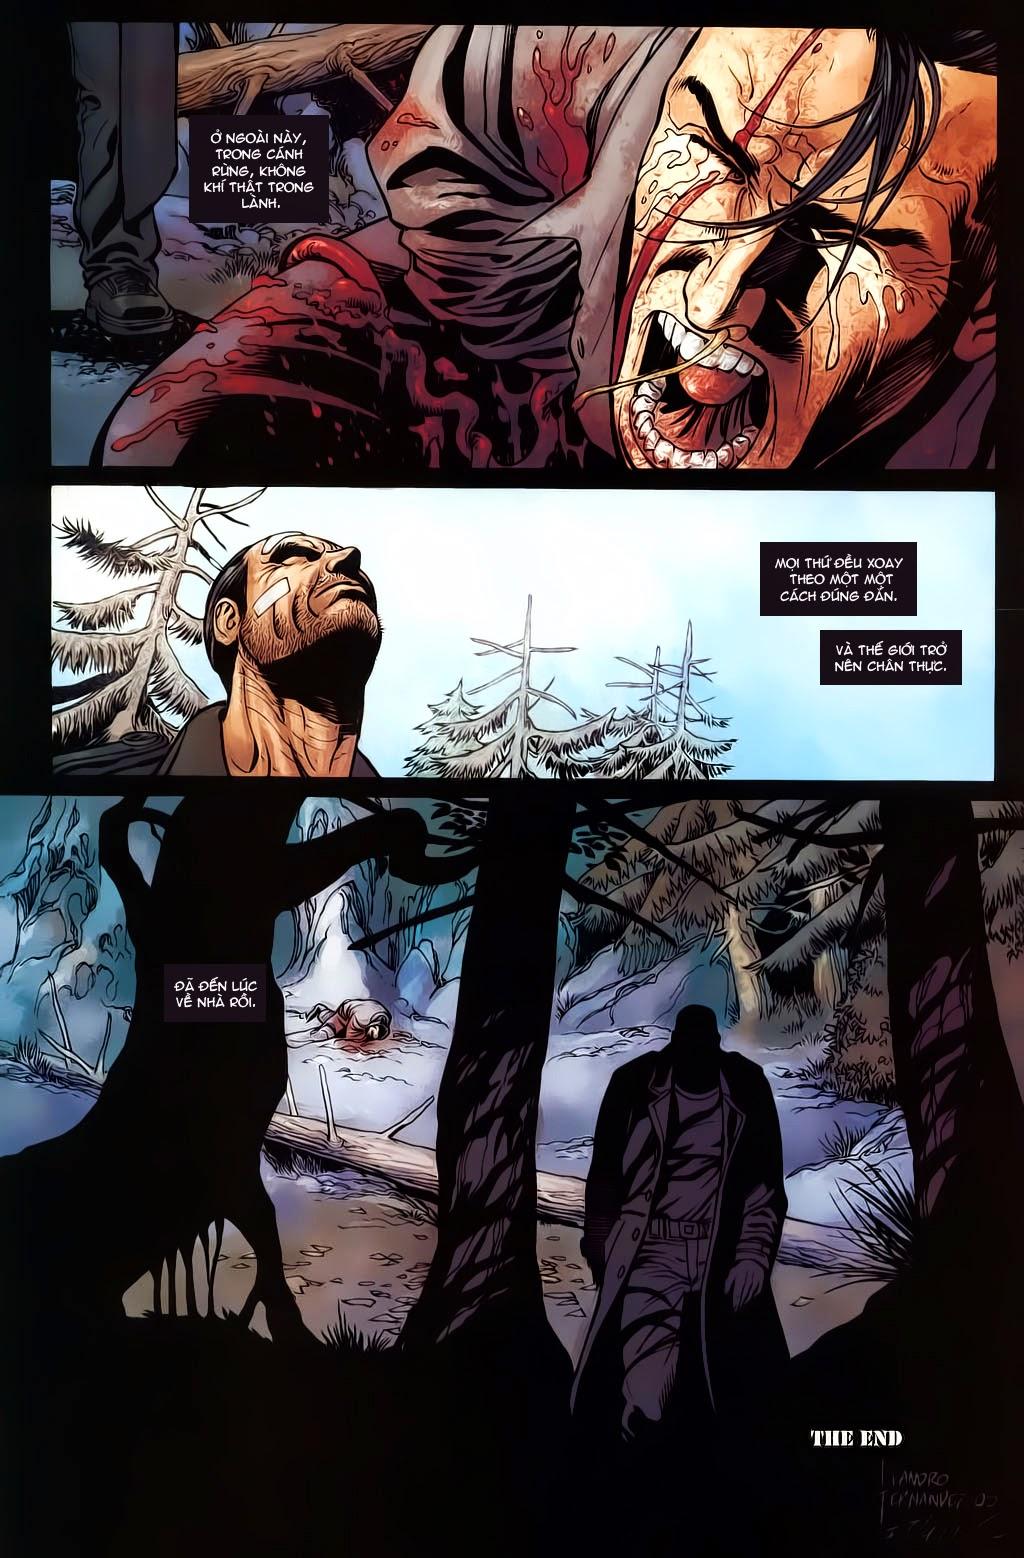 The Punisher: Trên là Dưới & Trắng là Đen chap 6 - Trang 25